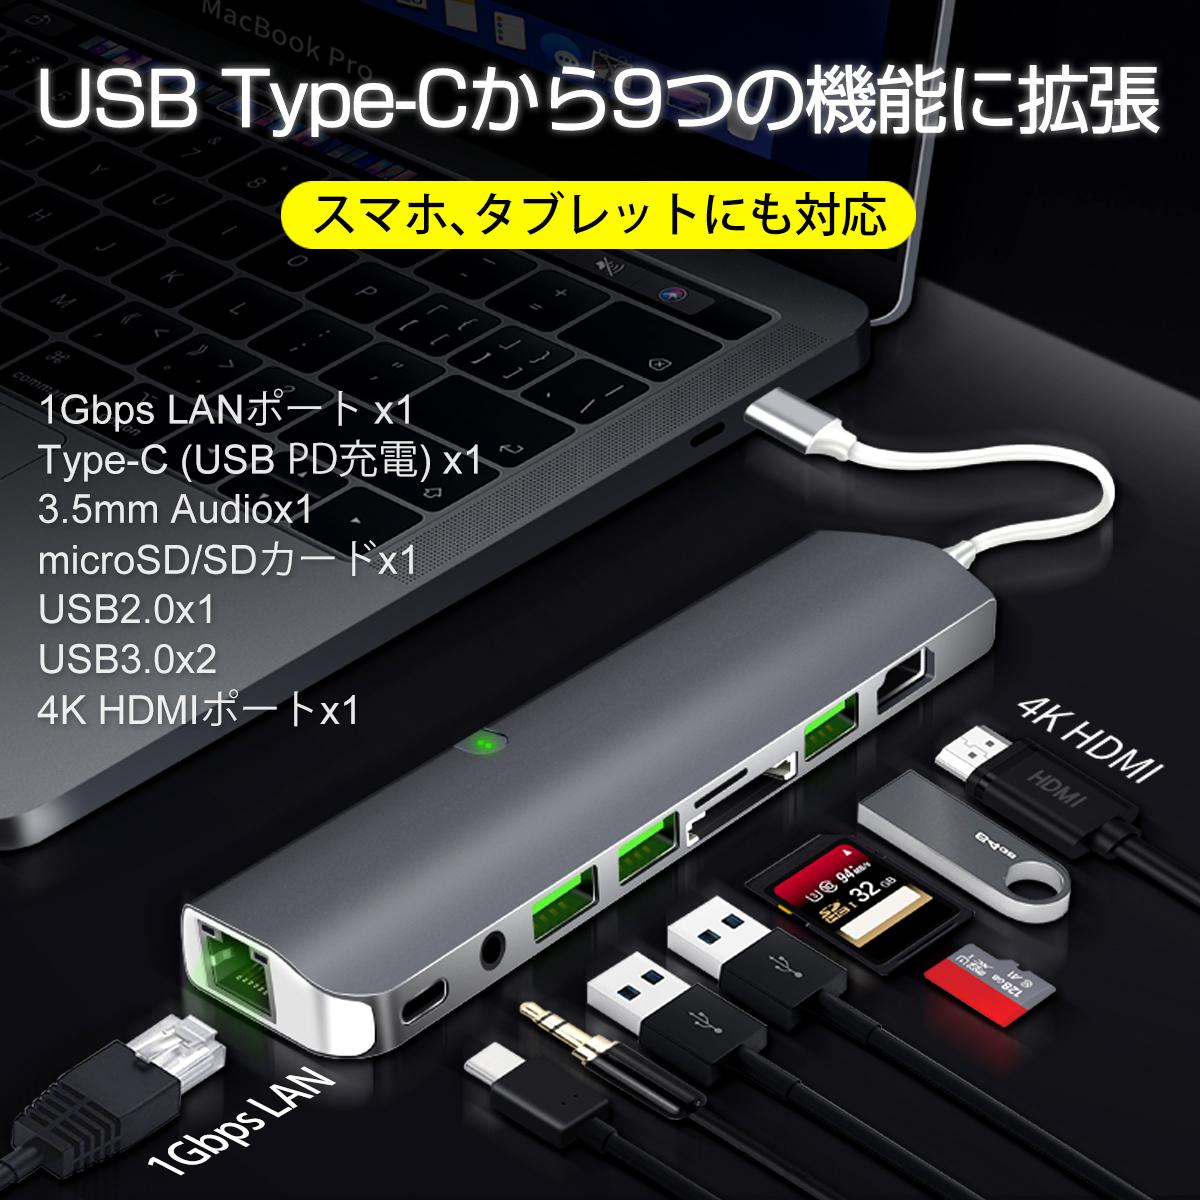 Type C USBハブ 9in1 MacBook Pro 13 15インチ MacBook Air 2019対応